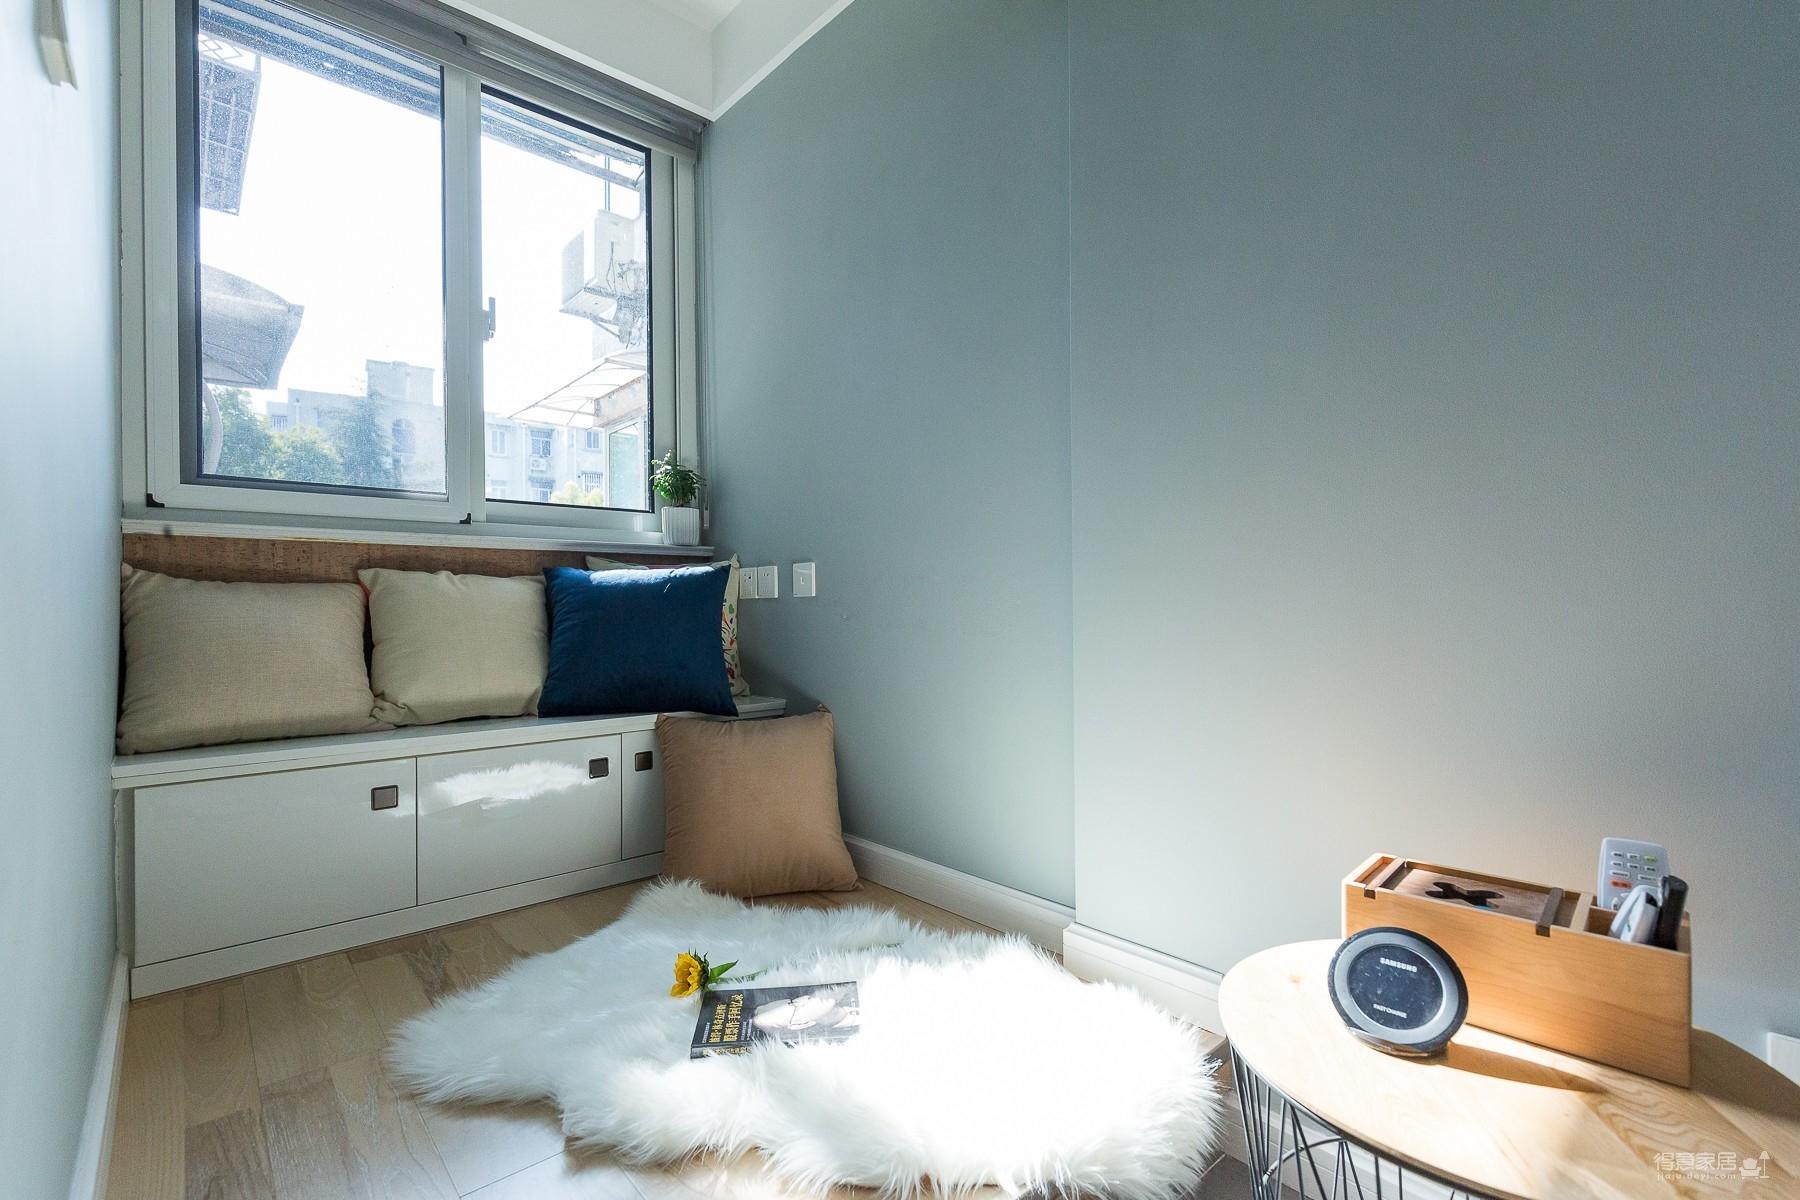 60平小公寓的空间利用图_9